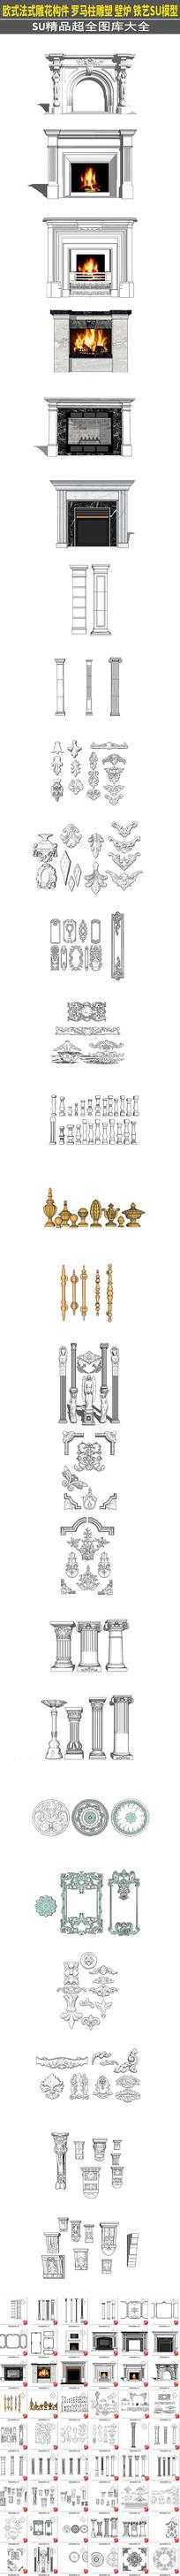 72套欧式法式雕花构件罗马柱雕塑壁炉